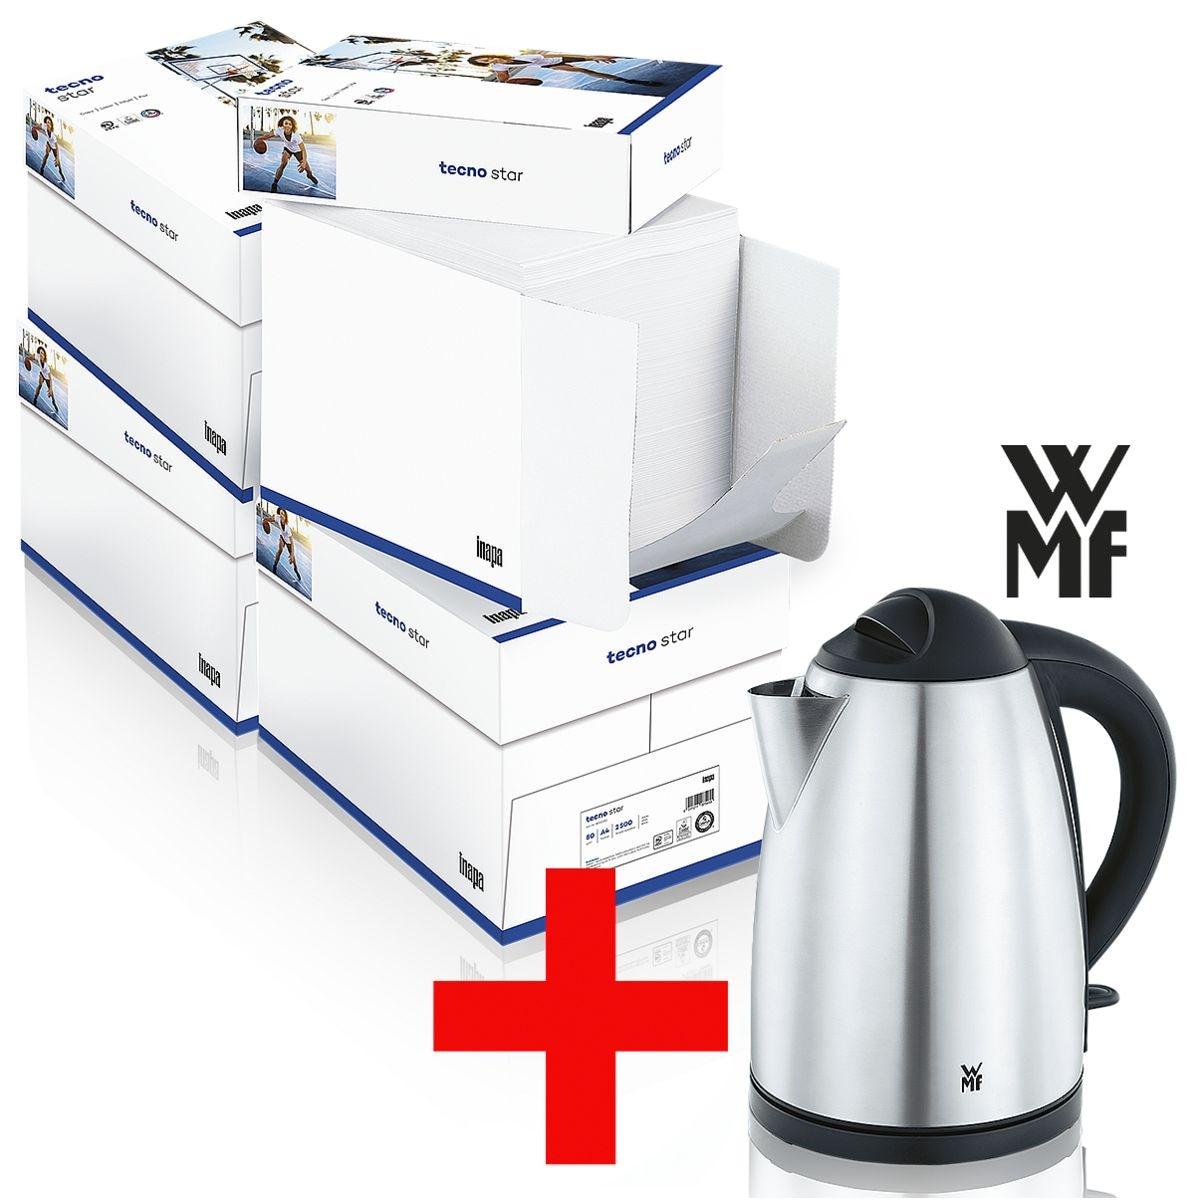 4x Boîte-éco de papier photocopieur A4 Inapa tecno Star - 10000 feuilles au total, 80g/m² avec Bouilloire « Bueno » 1,7 l